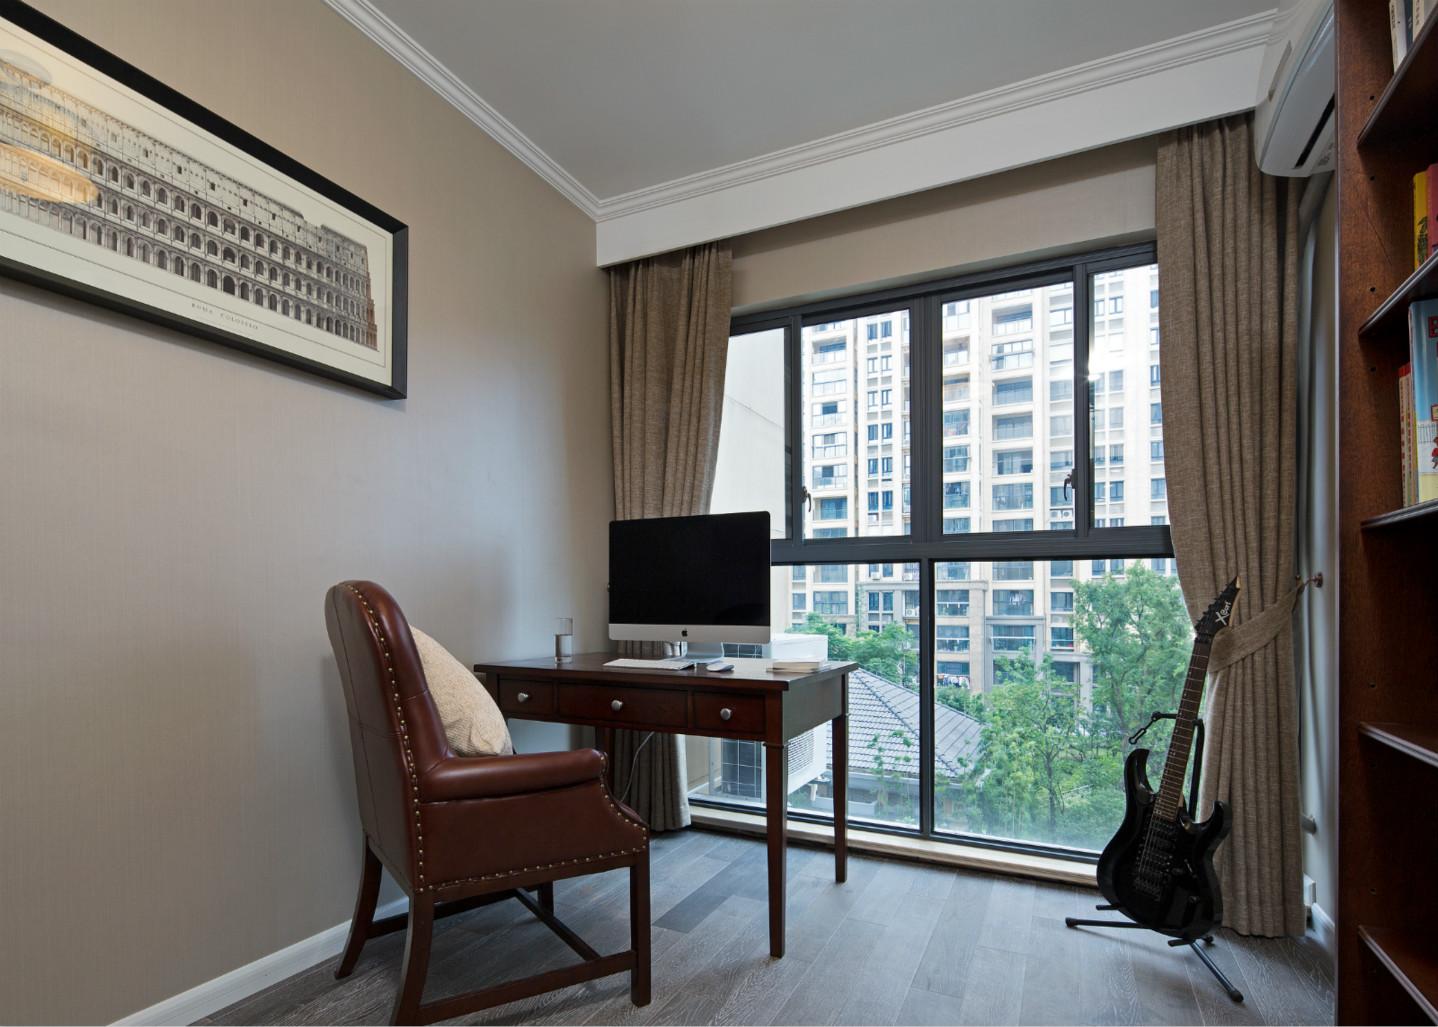 书房里的原木桌椅很有质感,墙角的小提琴传达出了主人的品味。